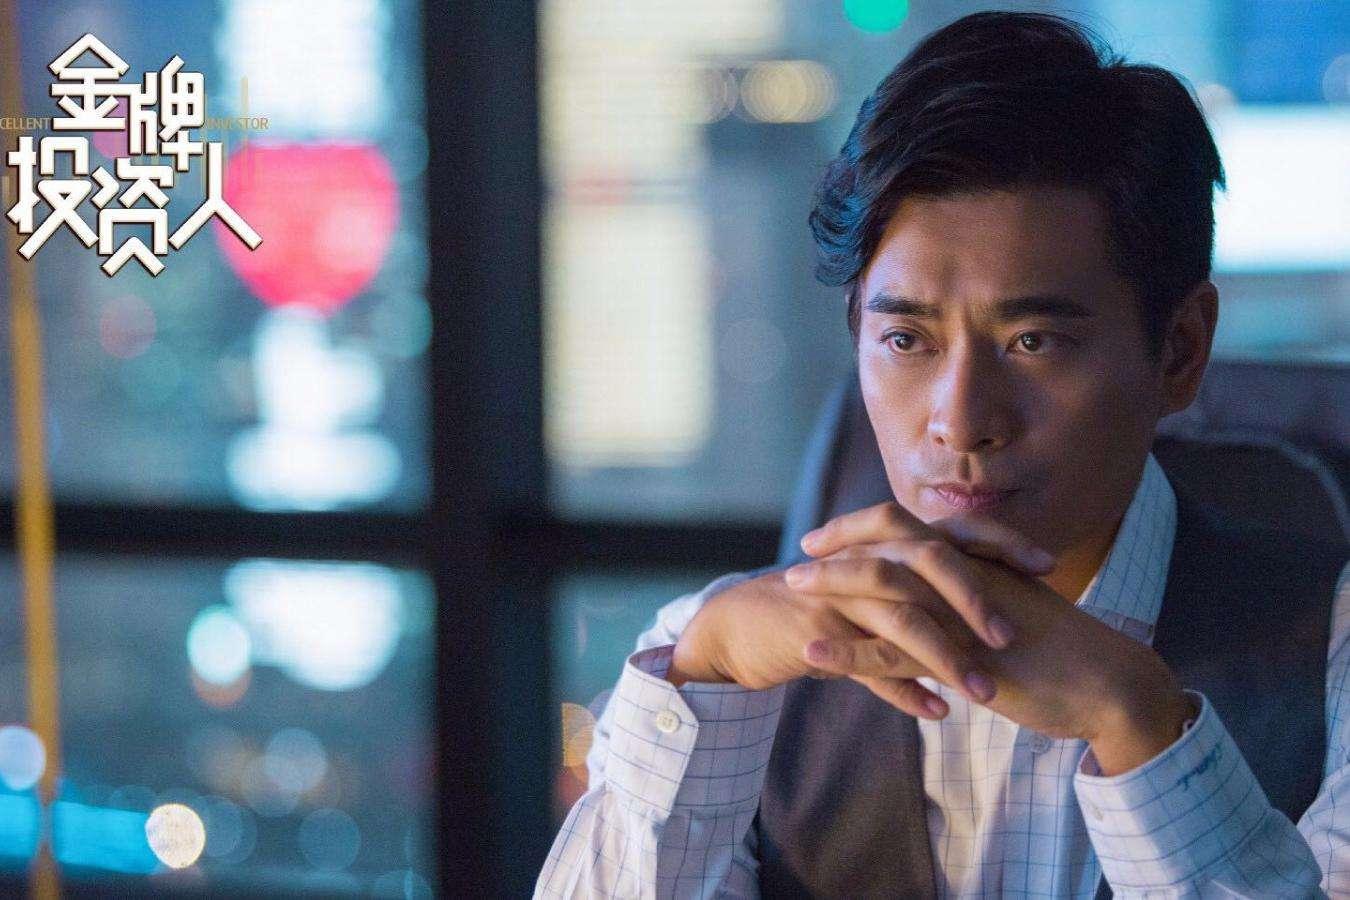 由陈龙主演的国内首部青春金融商战剧《金牌投资人》于9月24日在深圳卫视二轮上线热播。